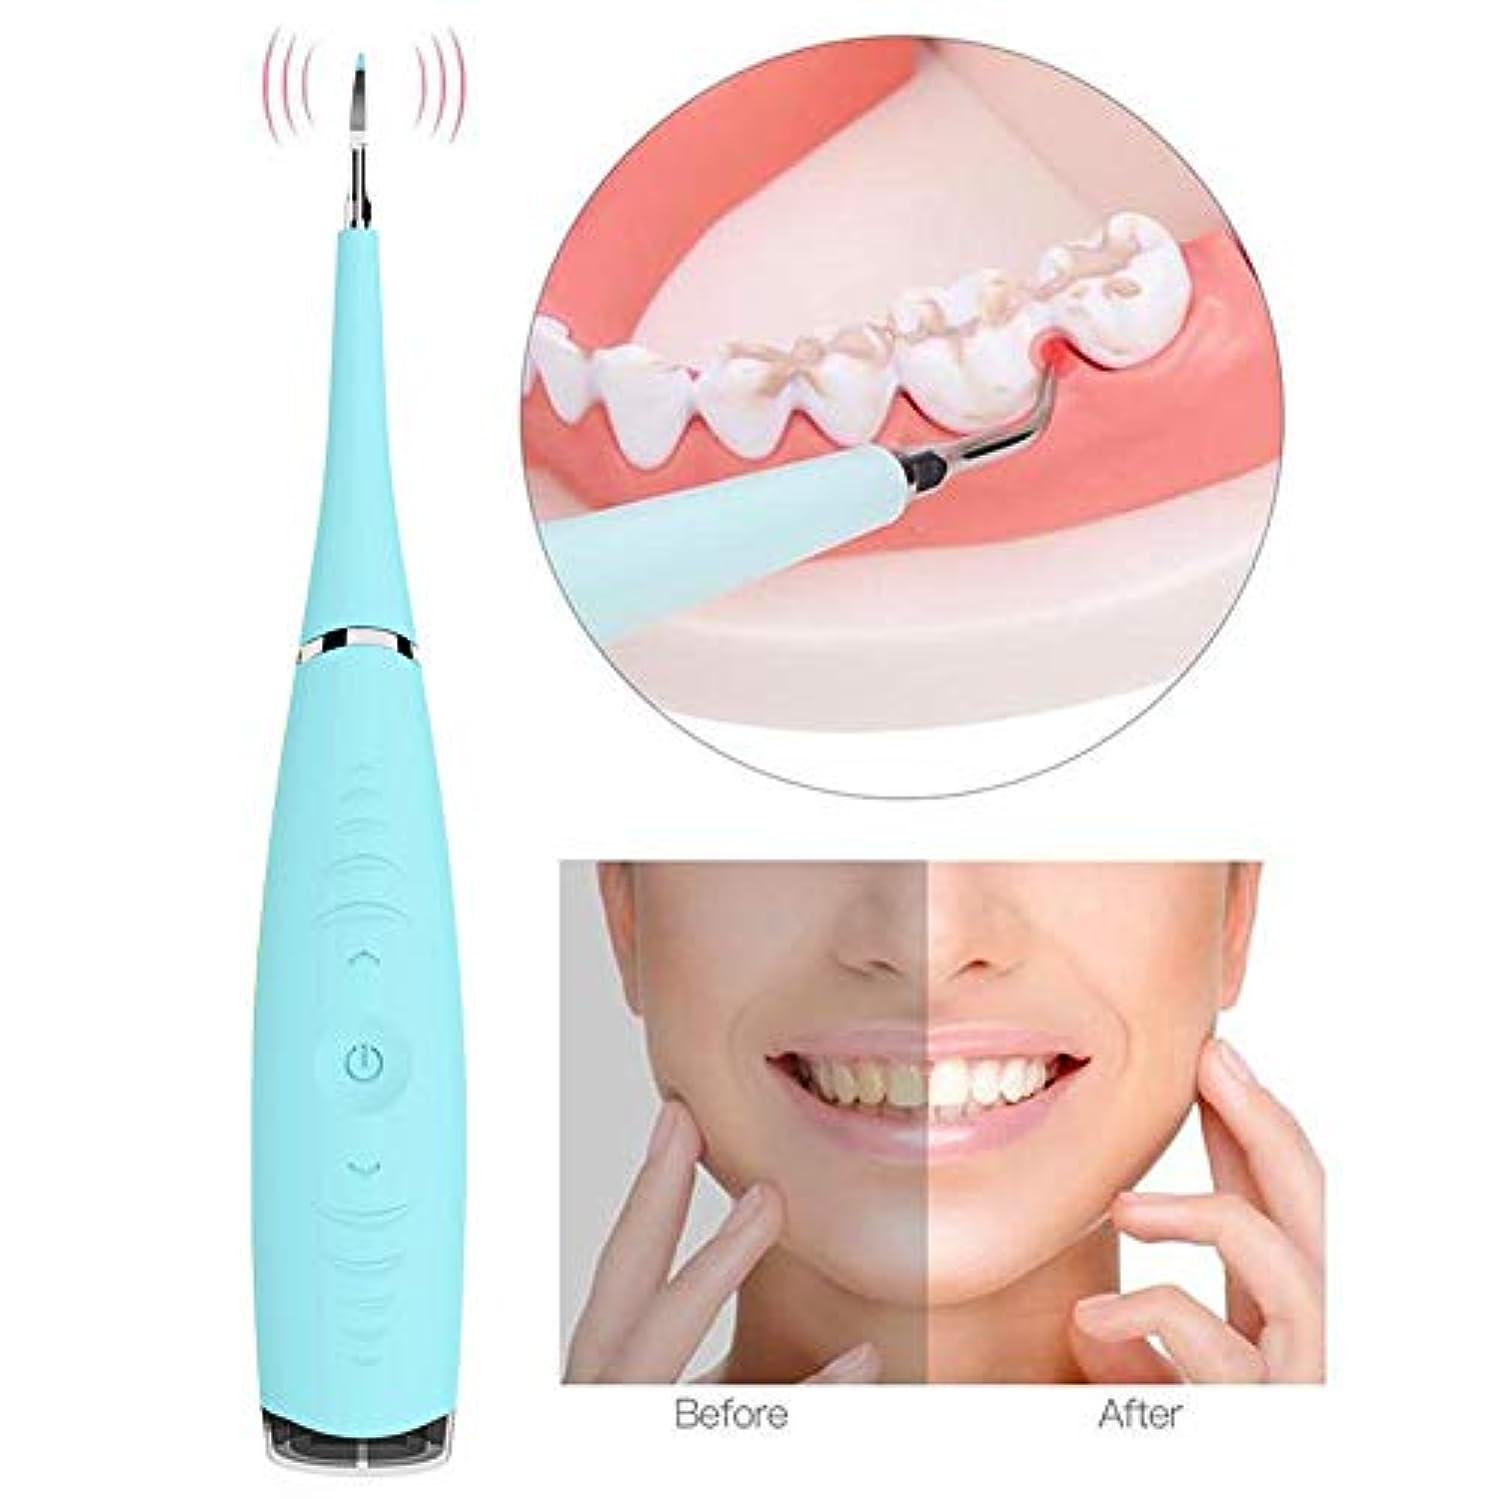 東方確認アカウント歯石除去ホワイトニング歯石除去ポータブル家庭用歯石プラーク除去歯磨き粉用健康口腔衛生